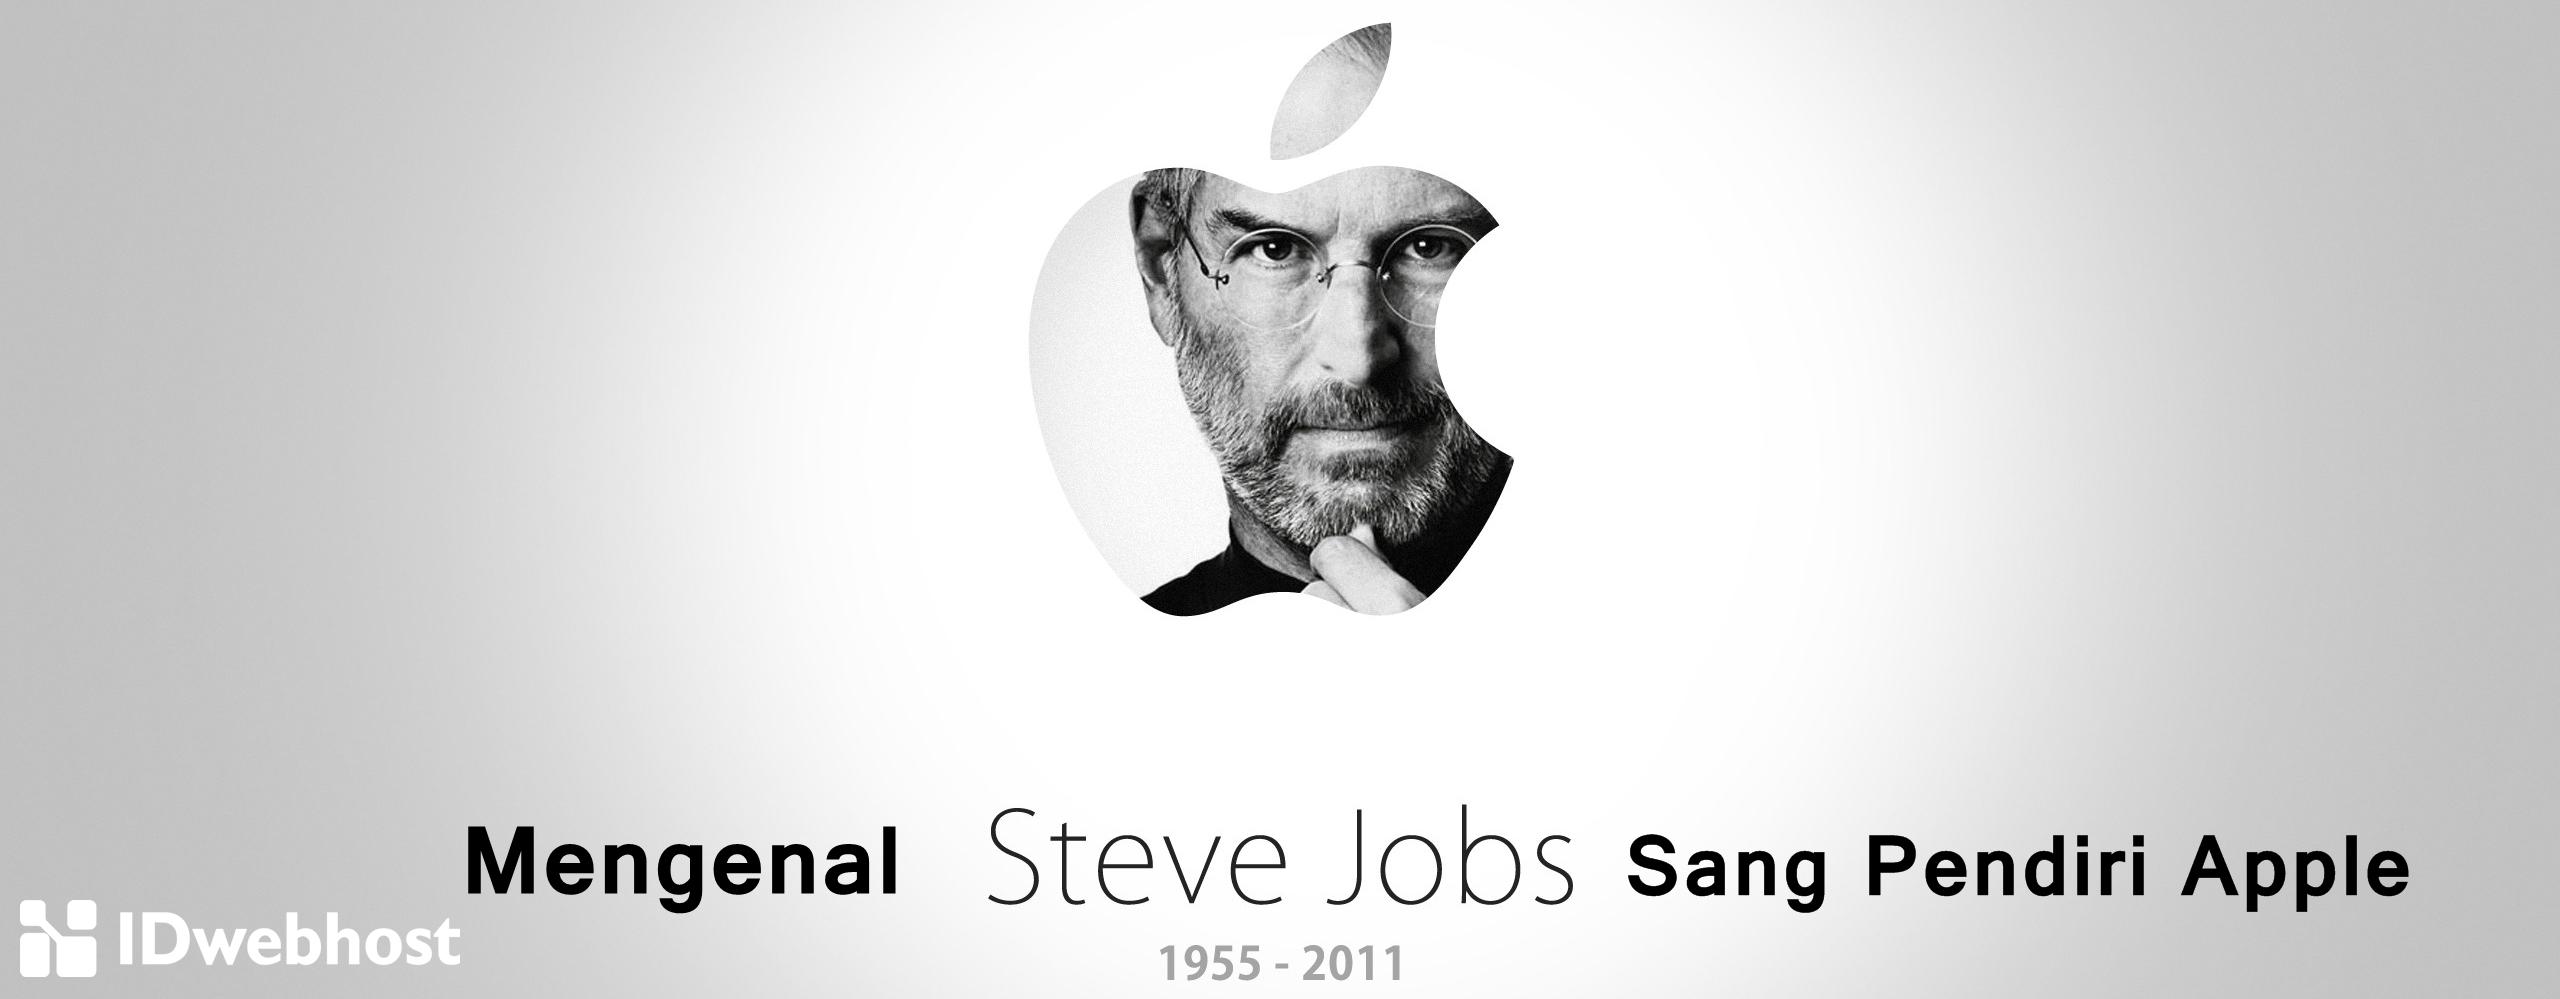 Mengenal Steve Jobs Sang Pendiri Apple